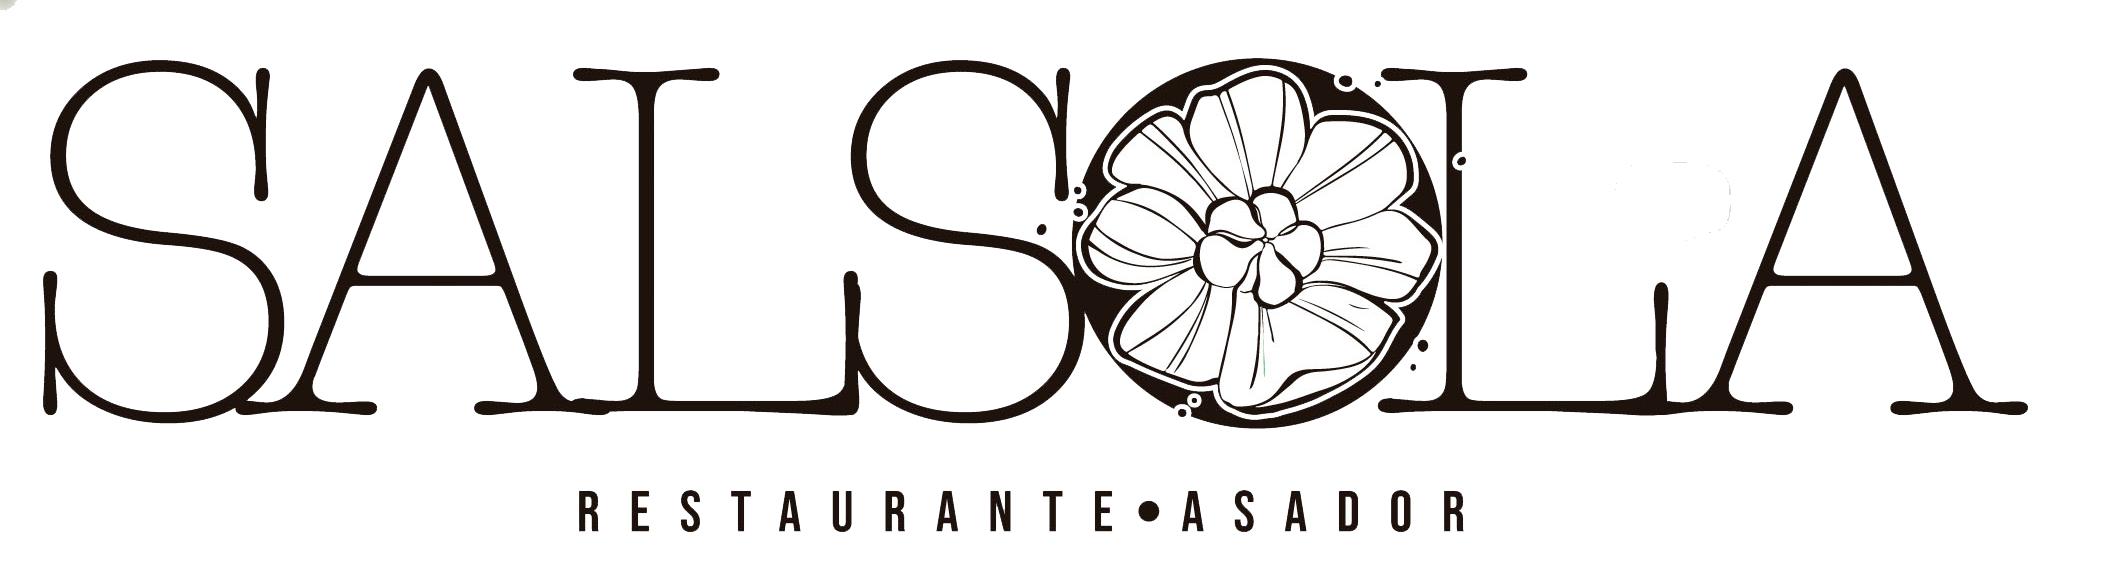 Restaurante Salsola